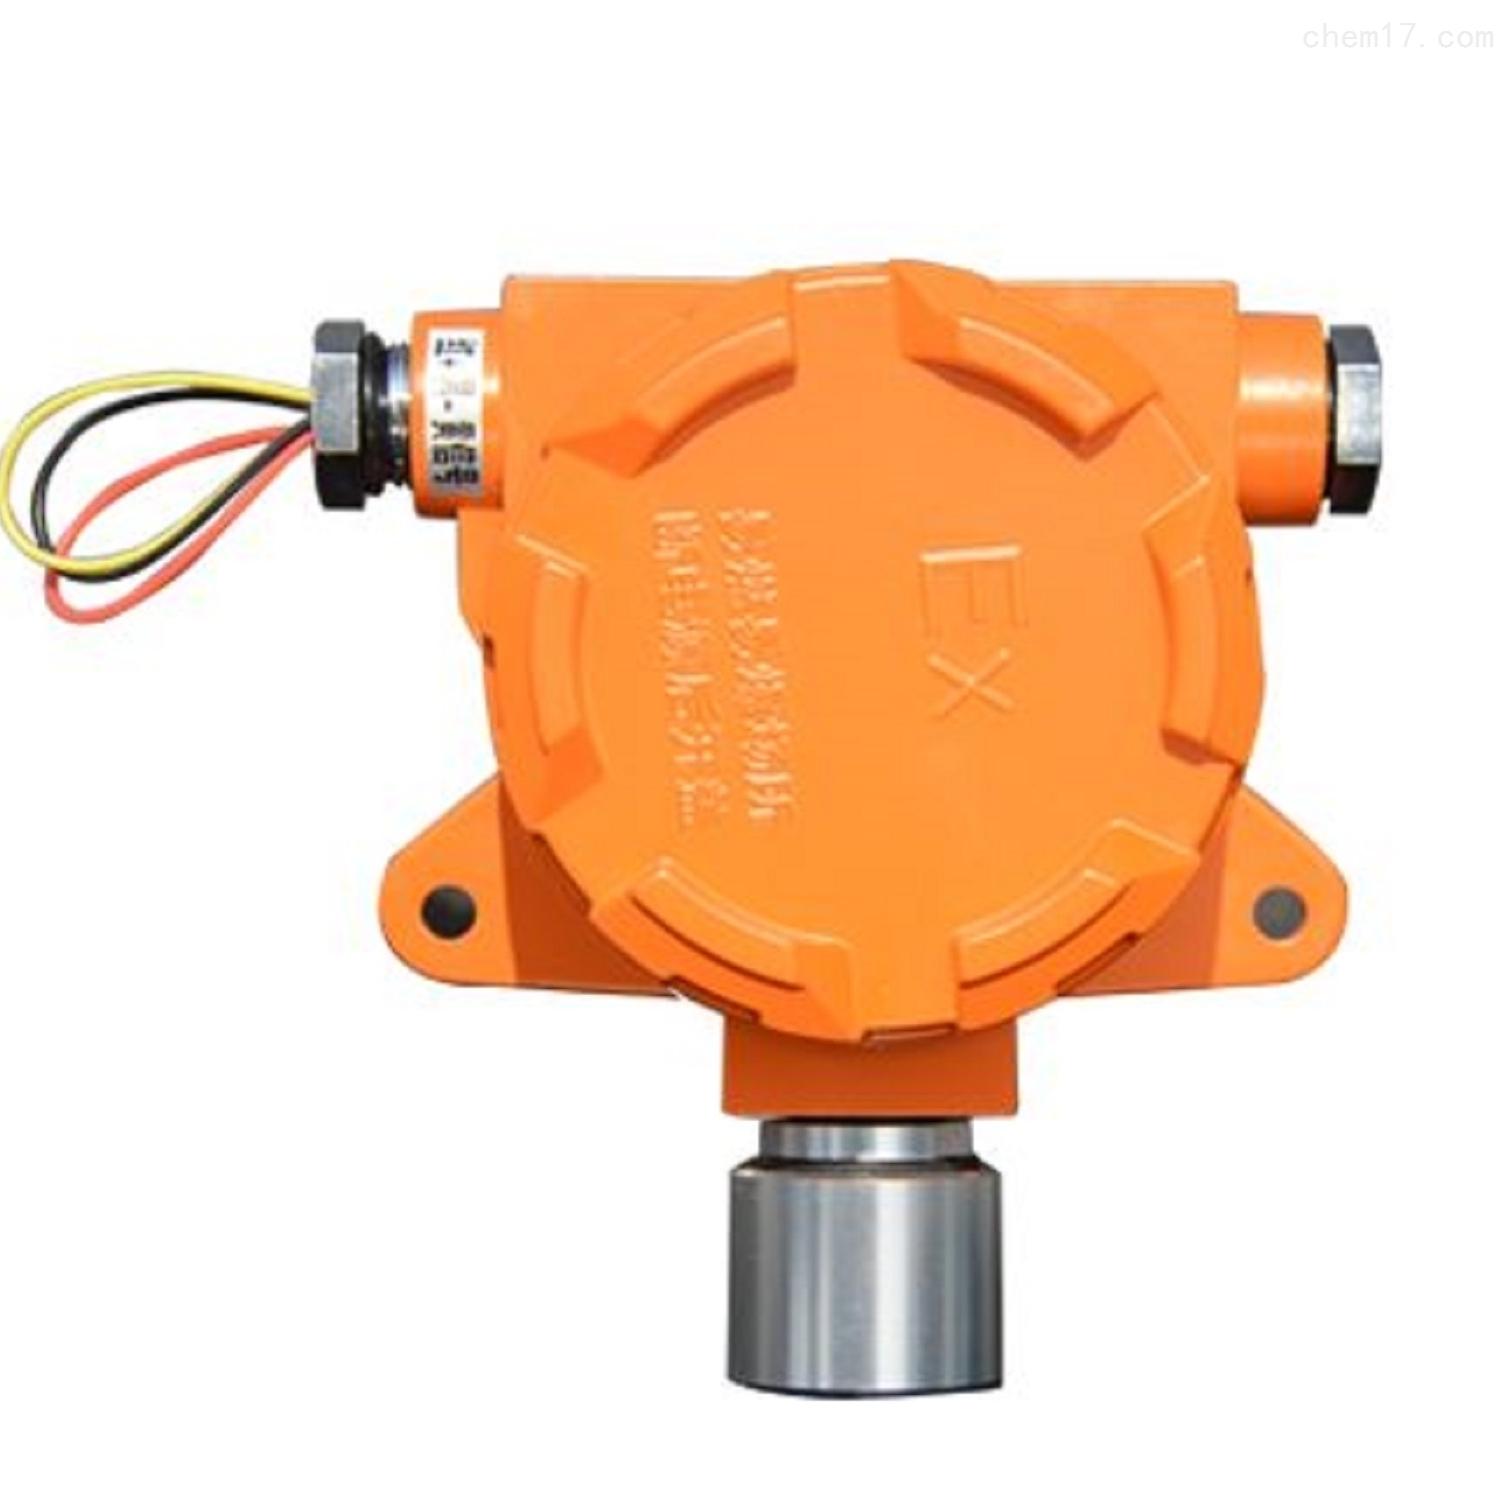 新型固定式氮氧化物检测仪